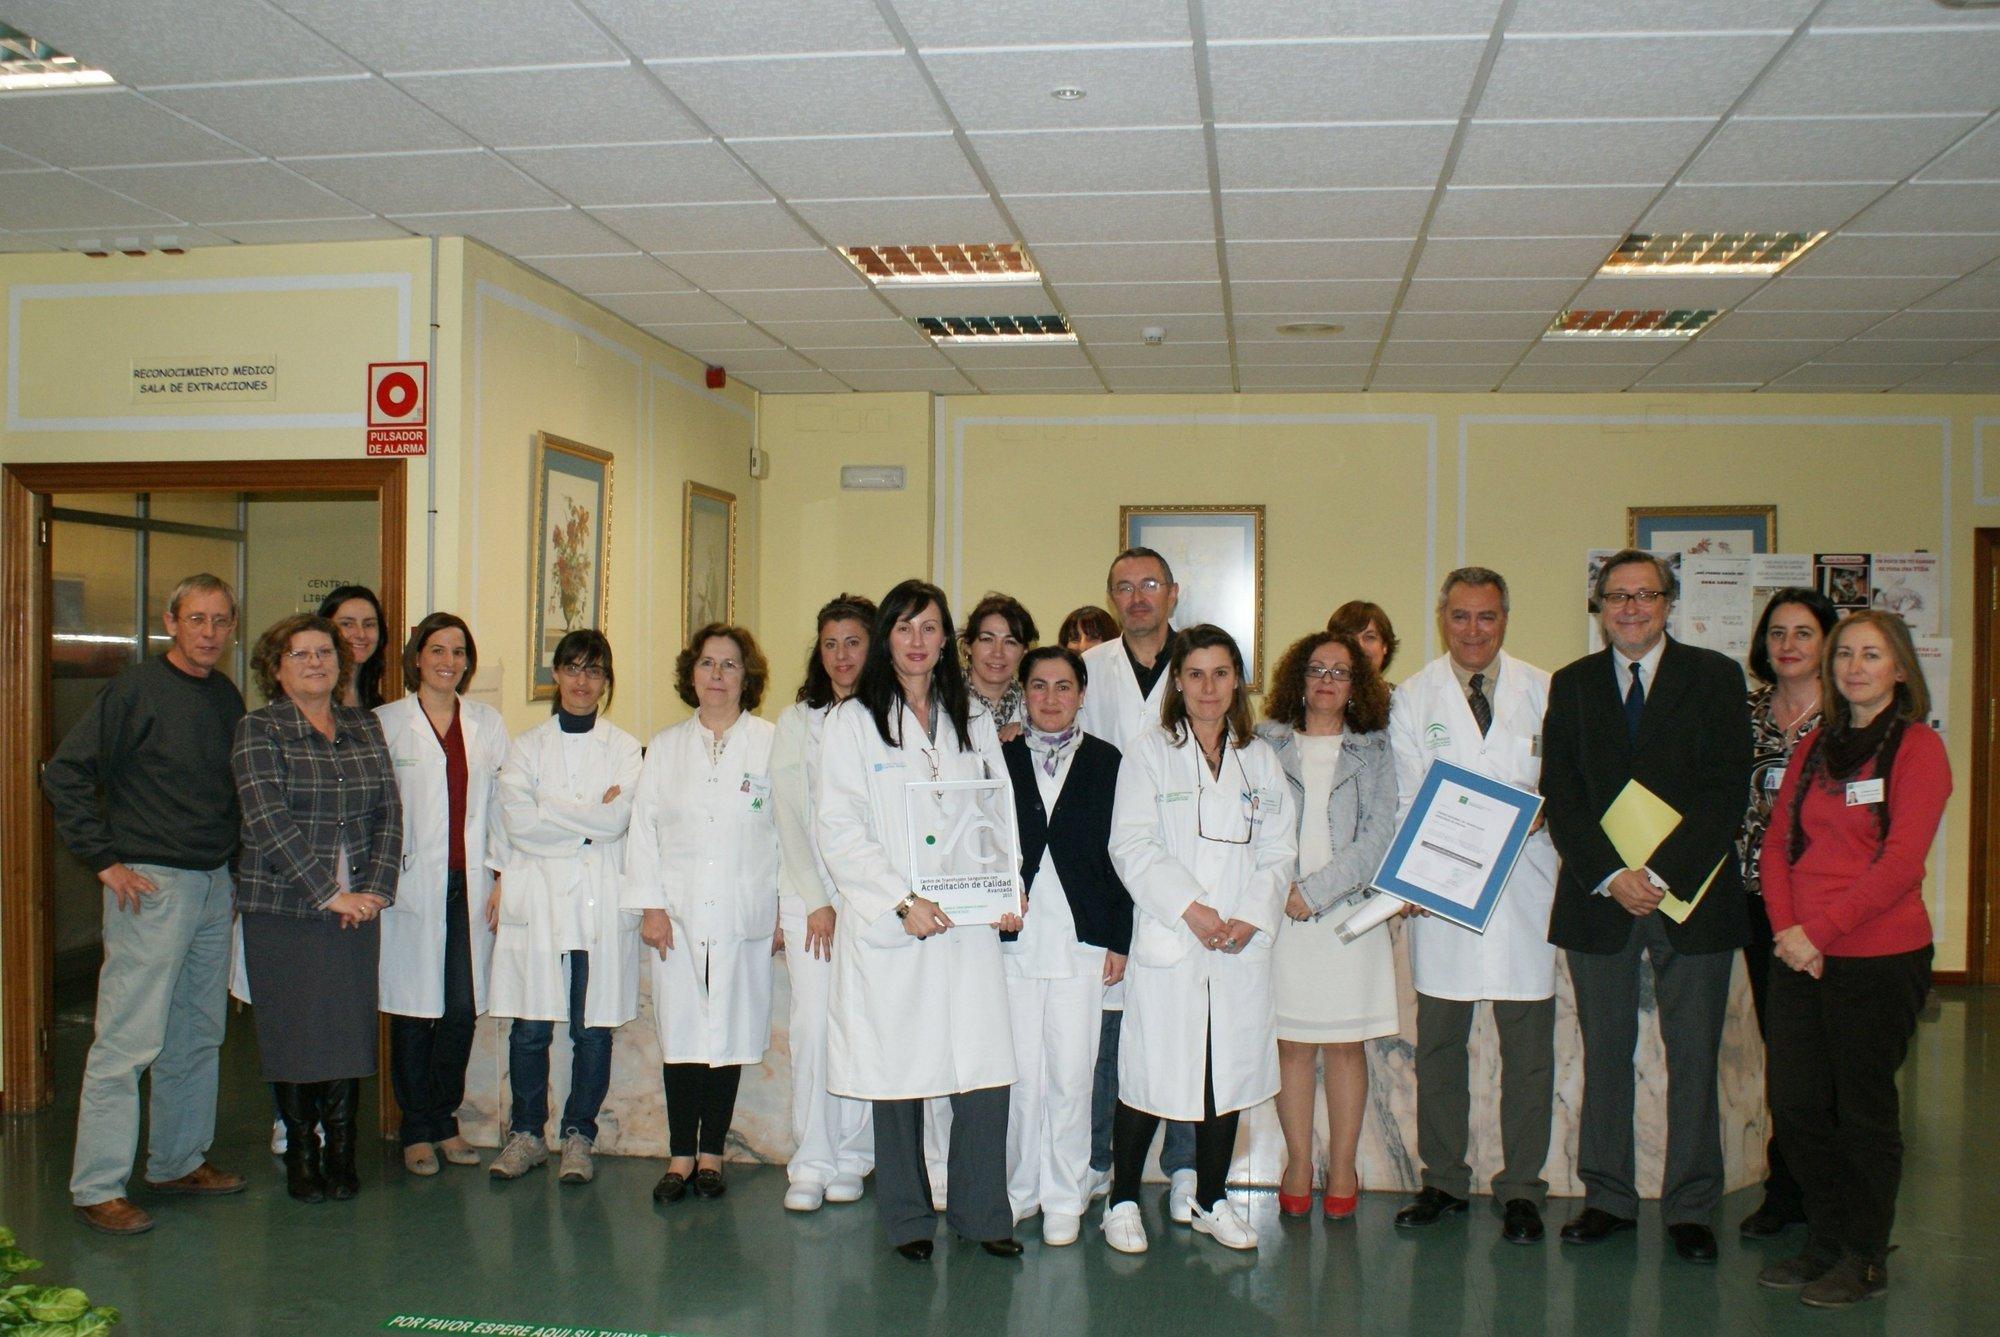 El CRTS, referente andaluz en bancos de sangre de cordón umbilical, recibe el sello de calidad